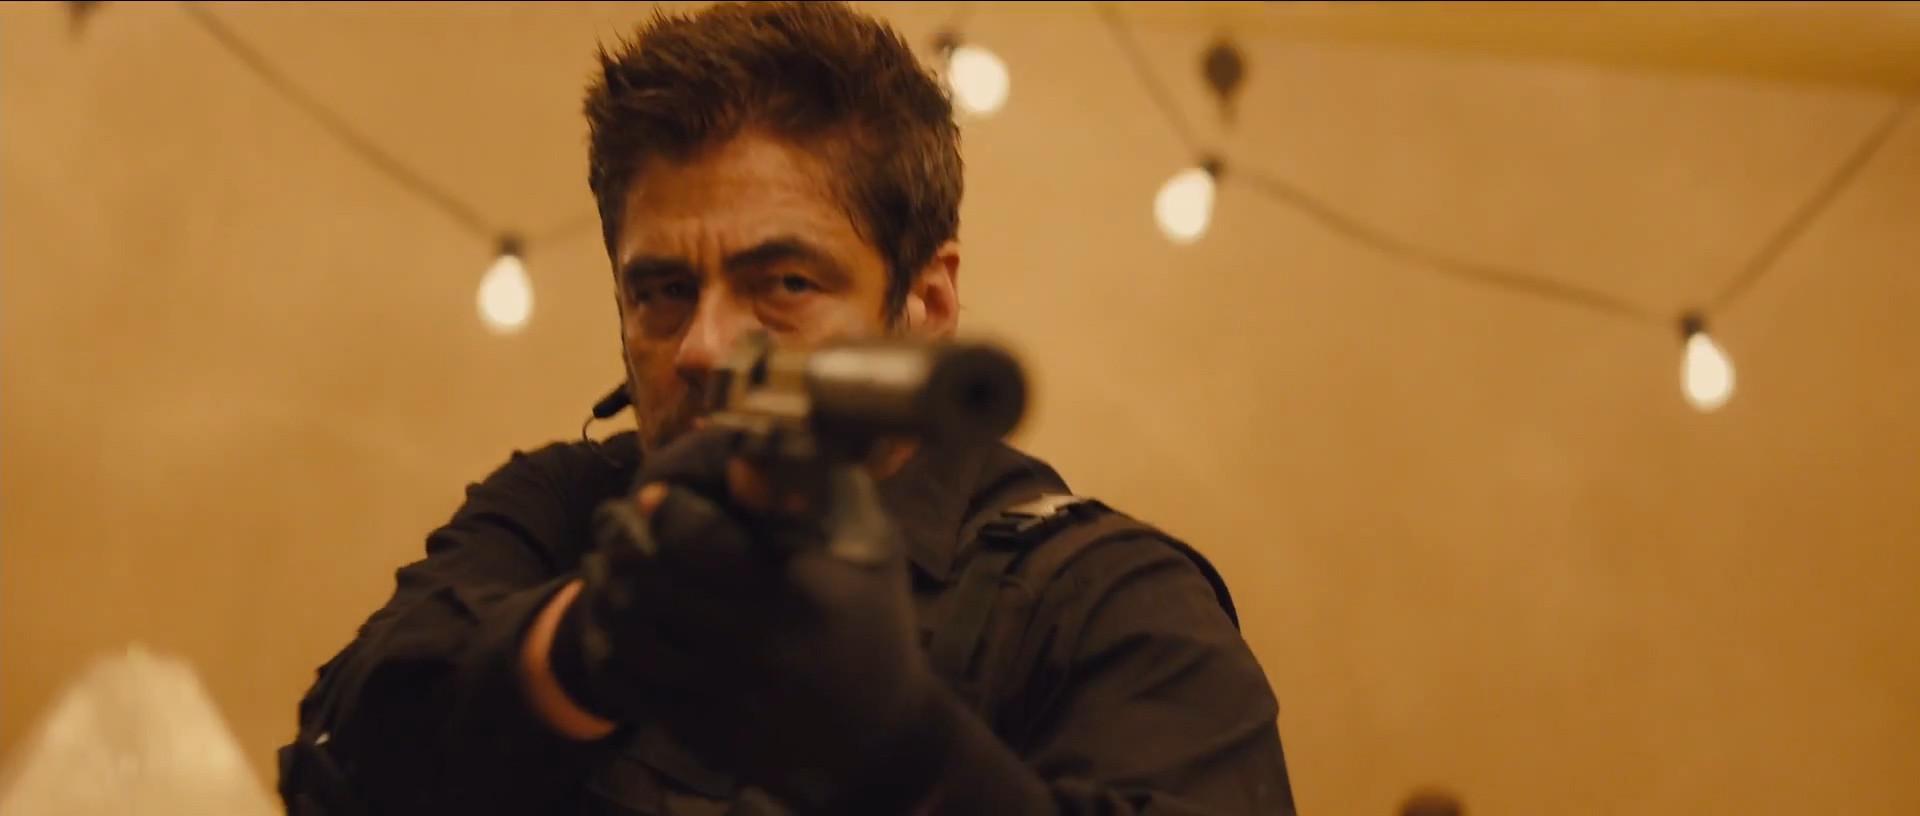 """""""Sicario"""" to """"True Detective"""" wielkiego ekranu. Świetne kino akcji, które gra widzem"""